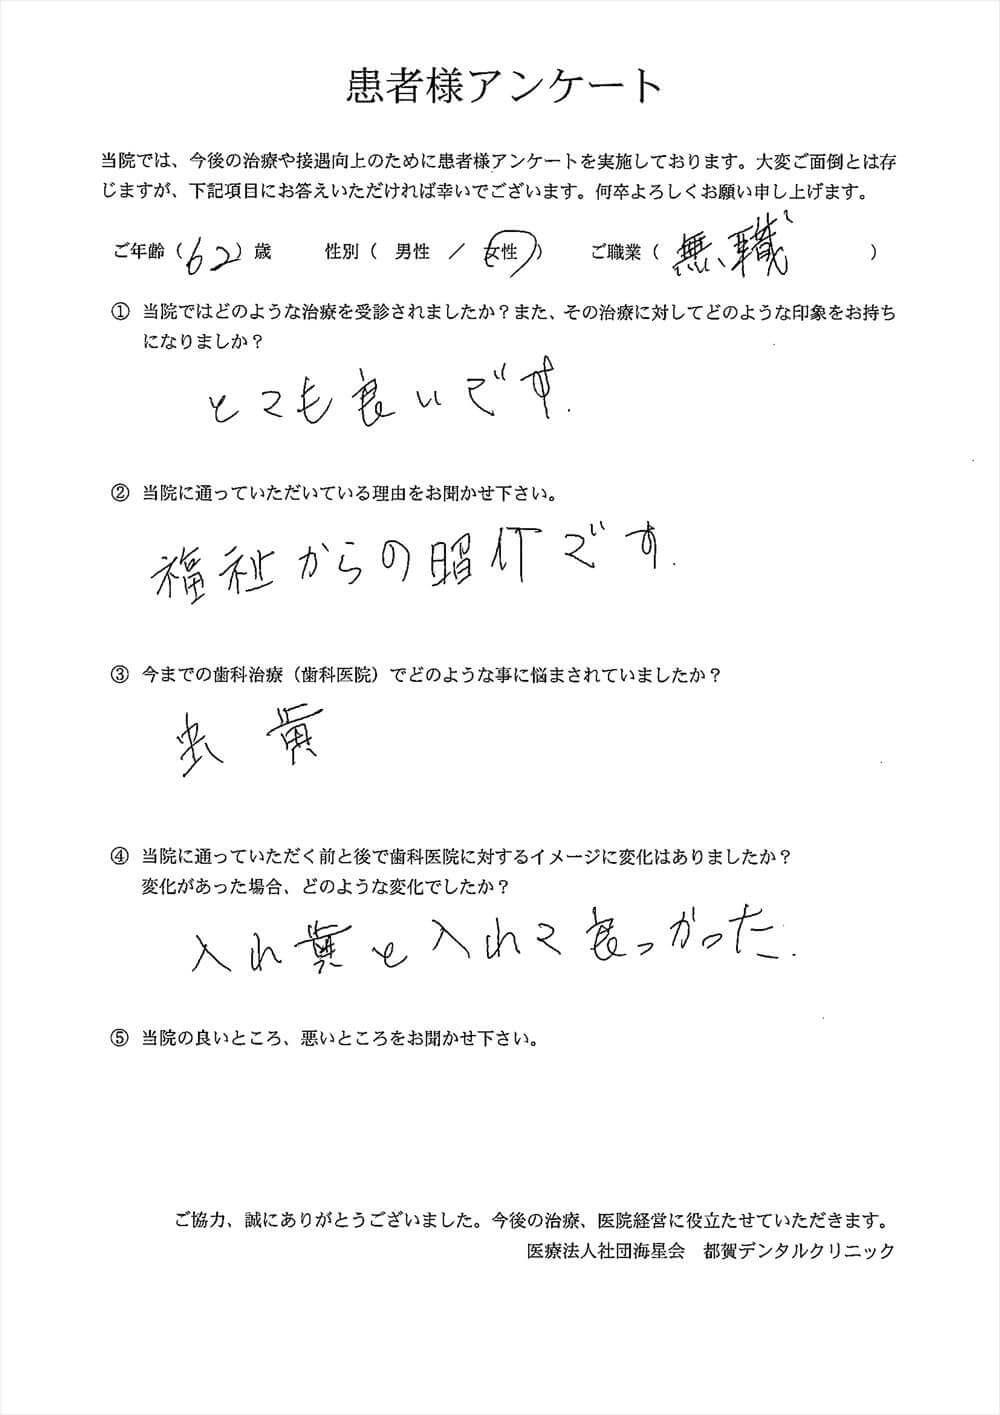 都賀デンタルクリニックの口コミアンケート10